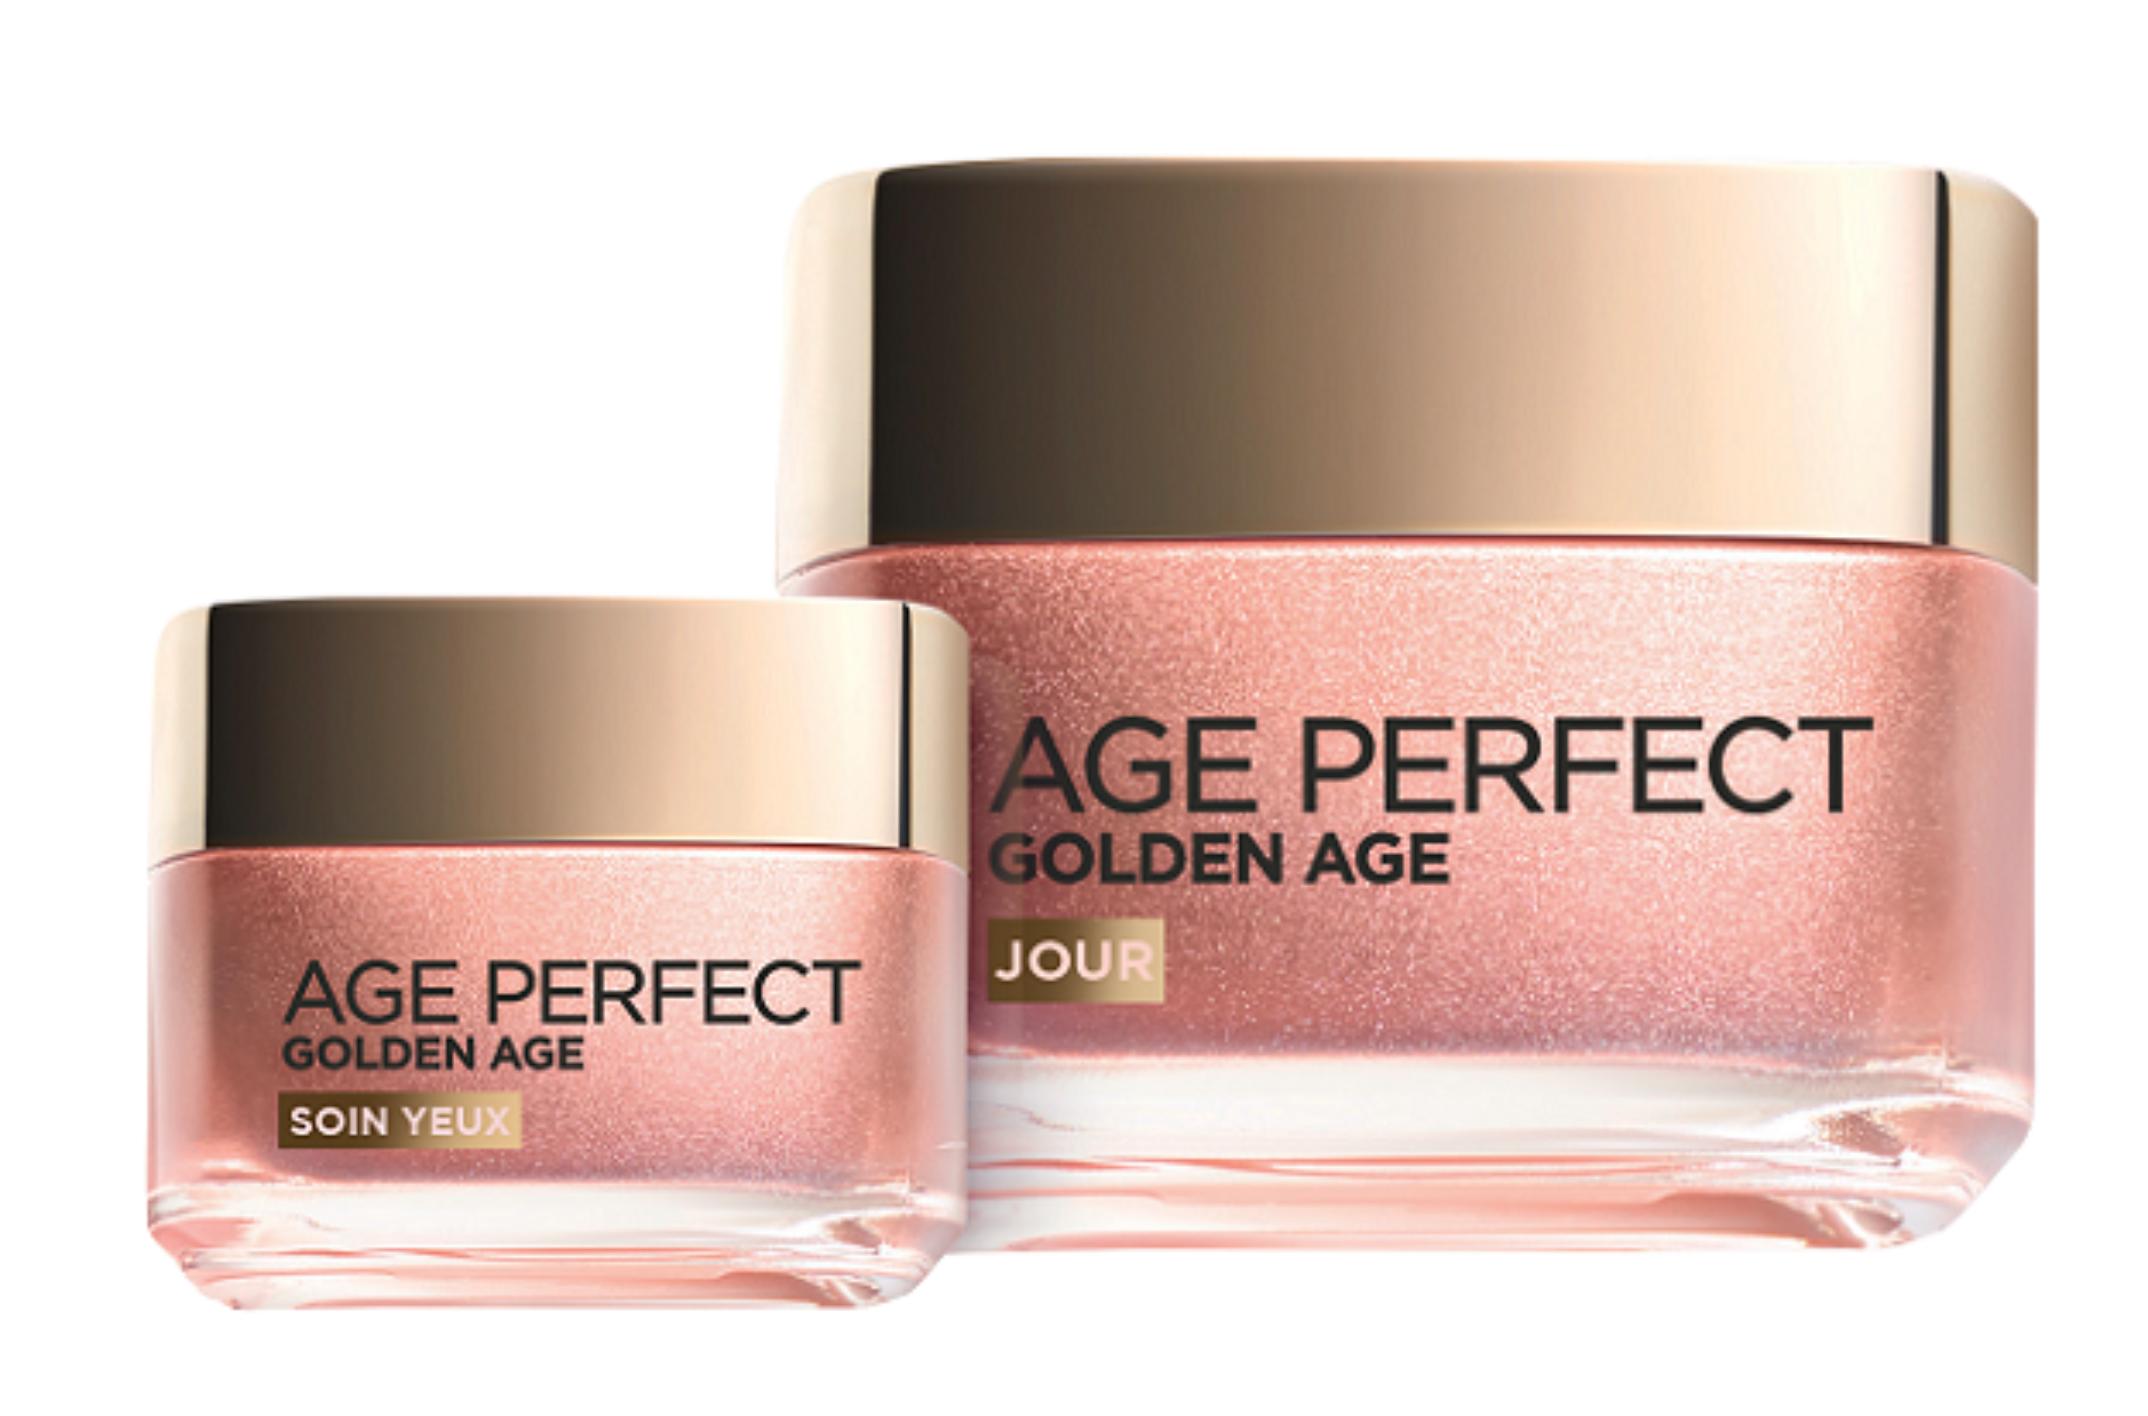 150 soins l'Oréal Paris yeux Rosé Age Perfect Golden Age à tester gratuitement sur sampleo.com